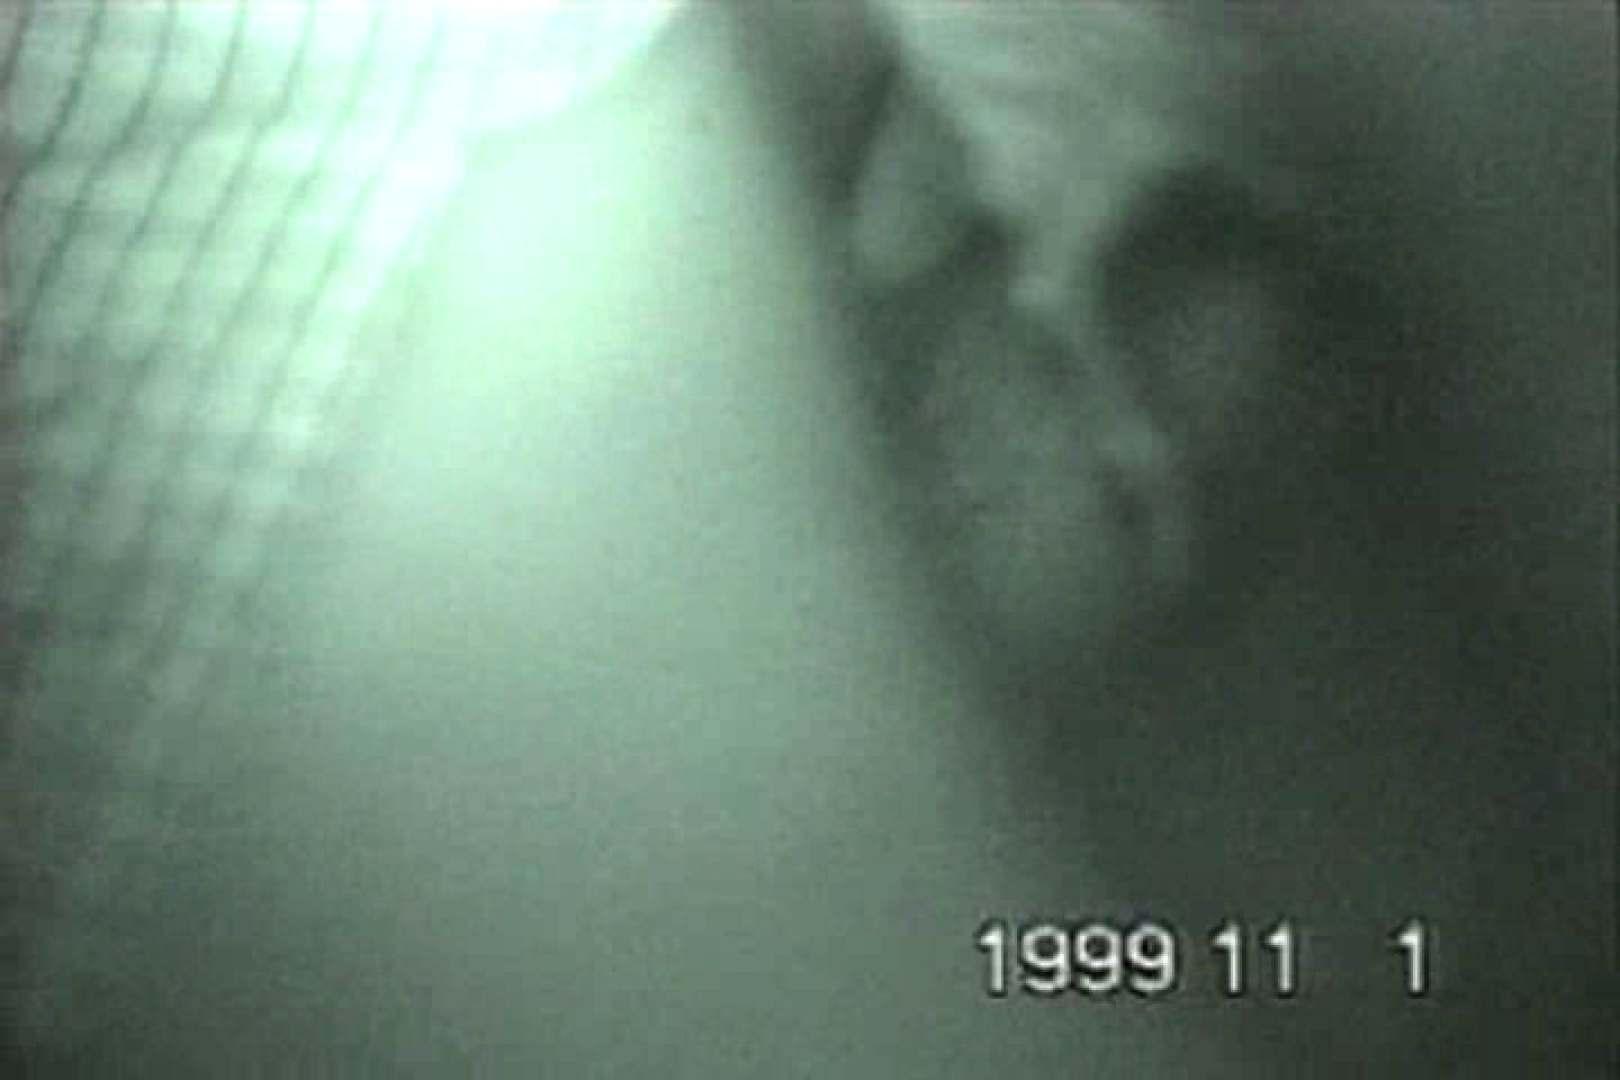 蔵出し!!赤外線カーセックスVol.5 カーセックス  31pic 25